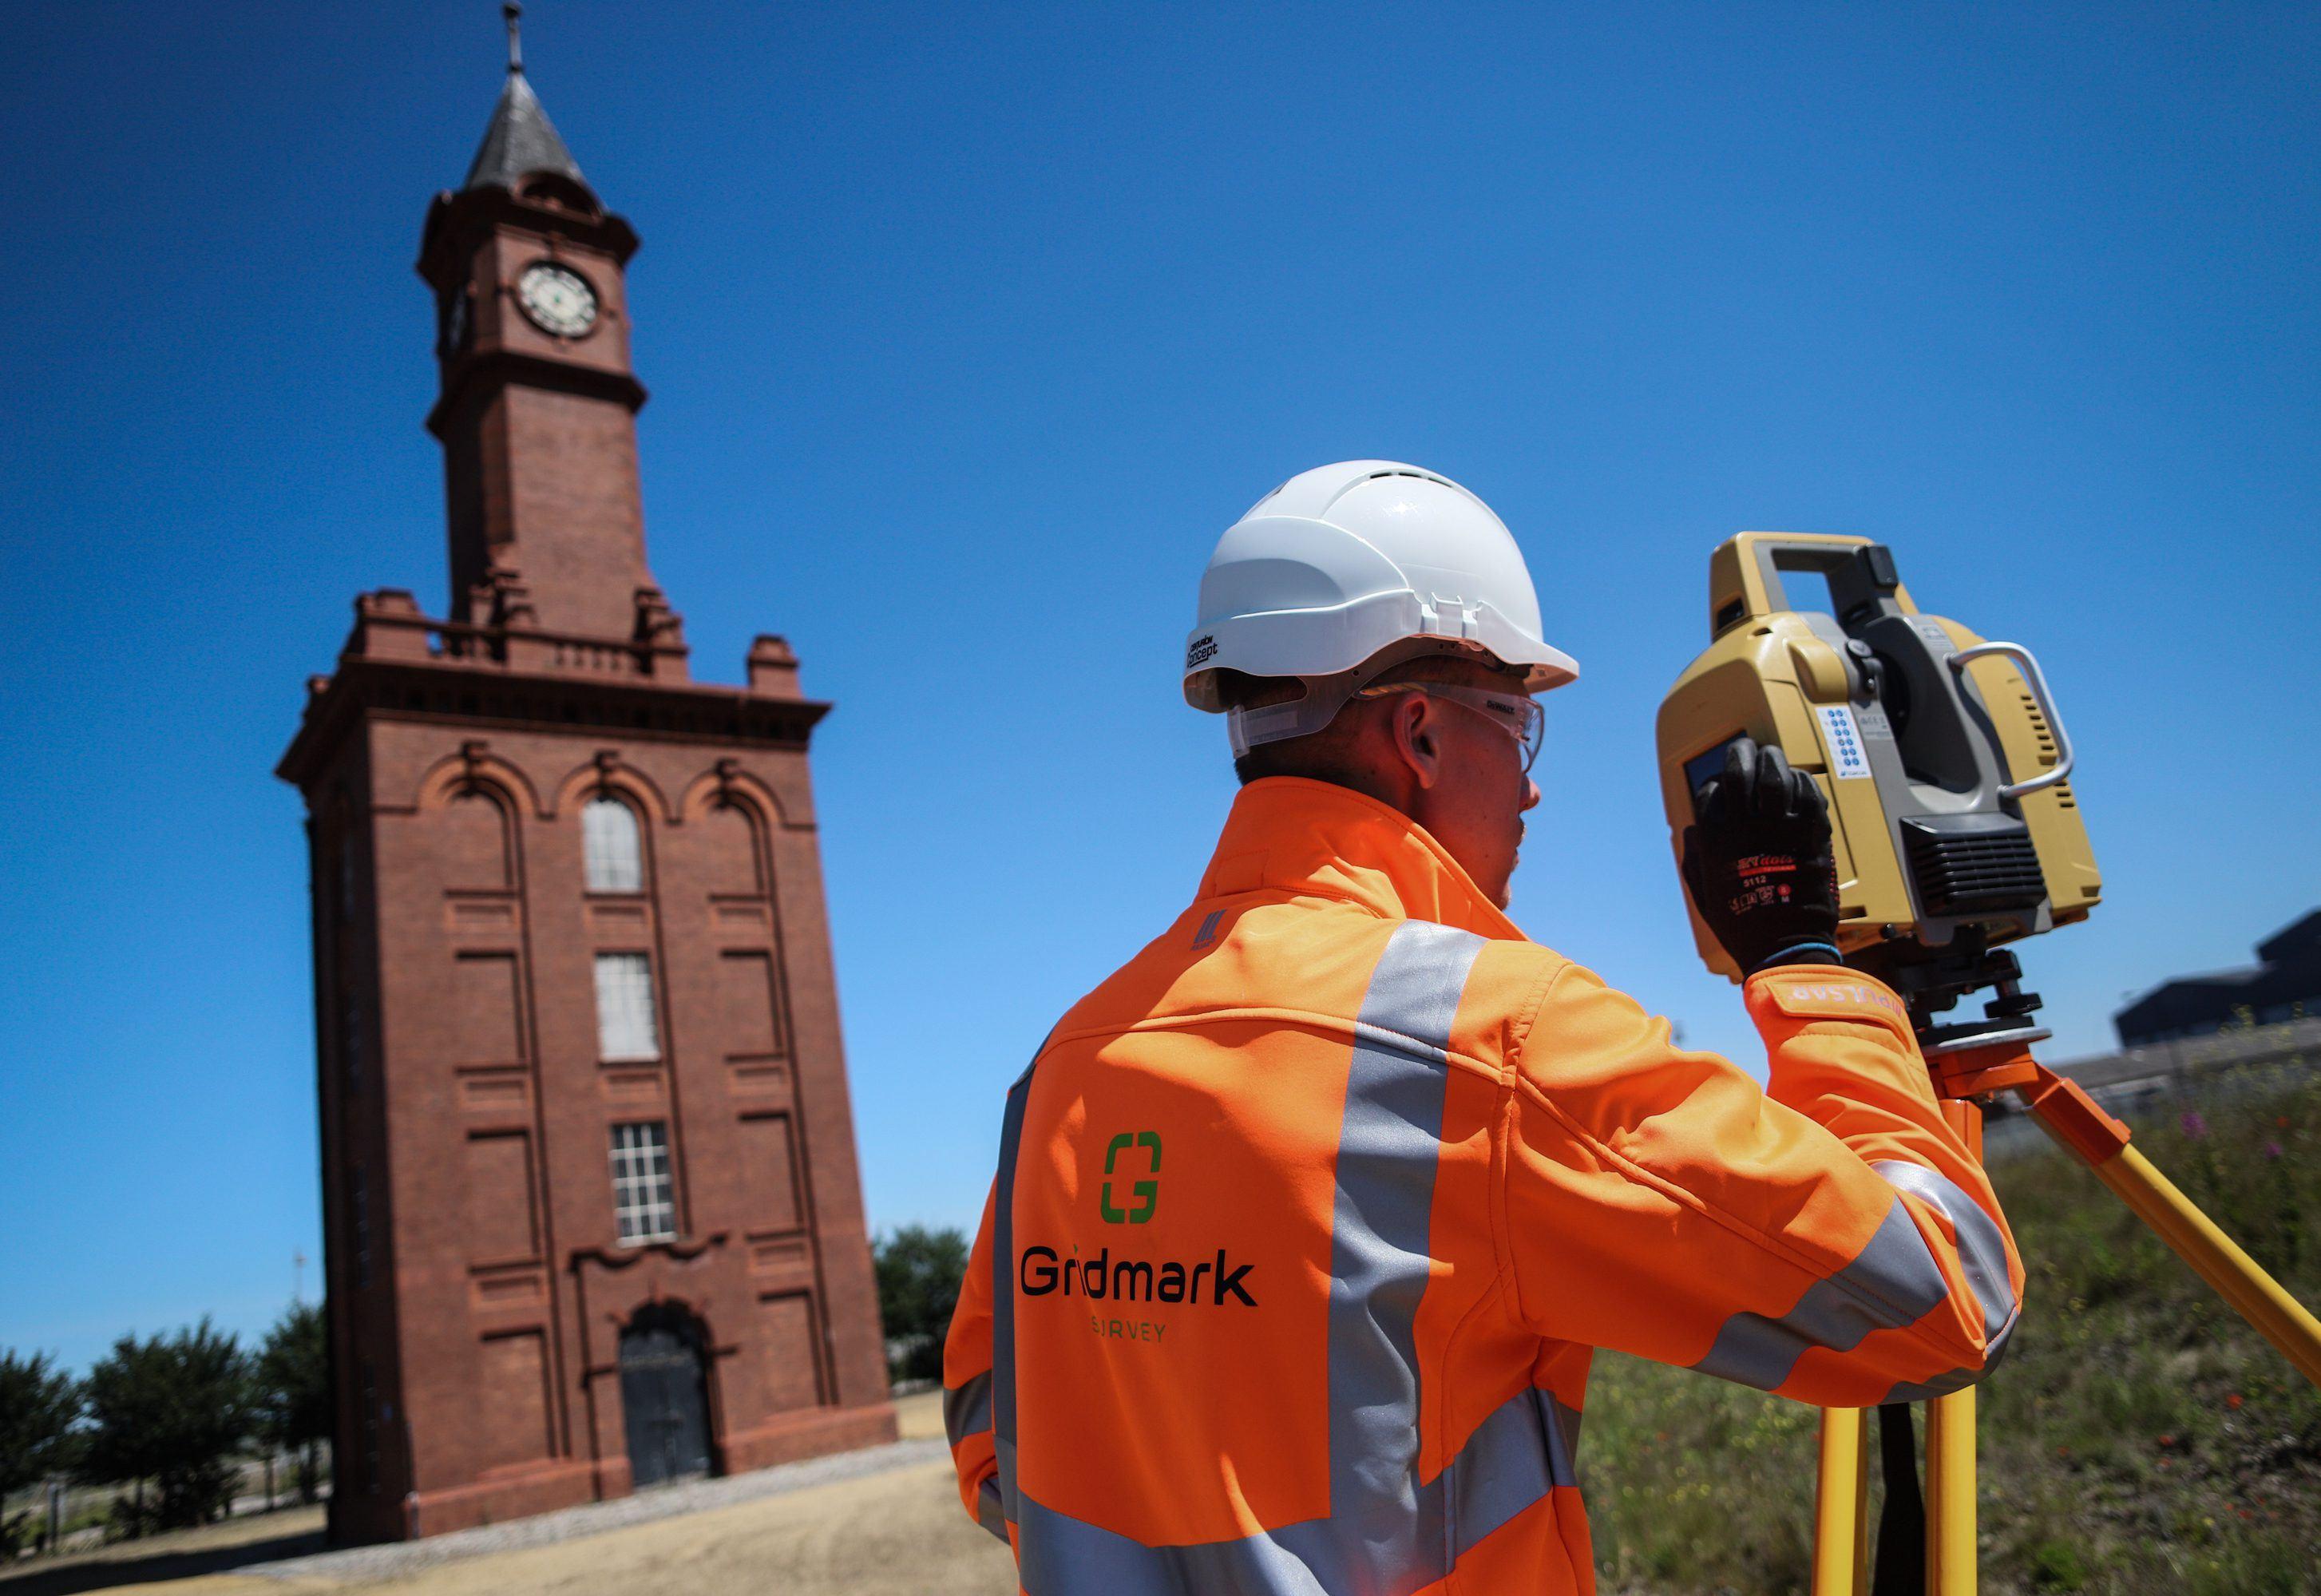 a surveyor surveying a site